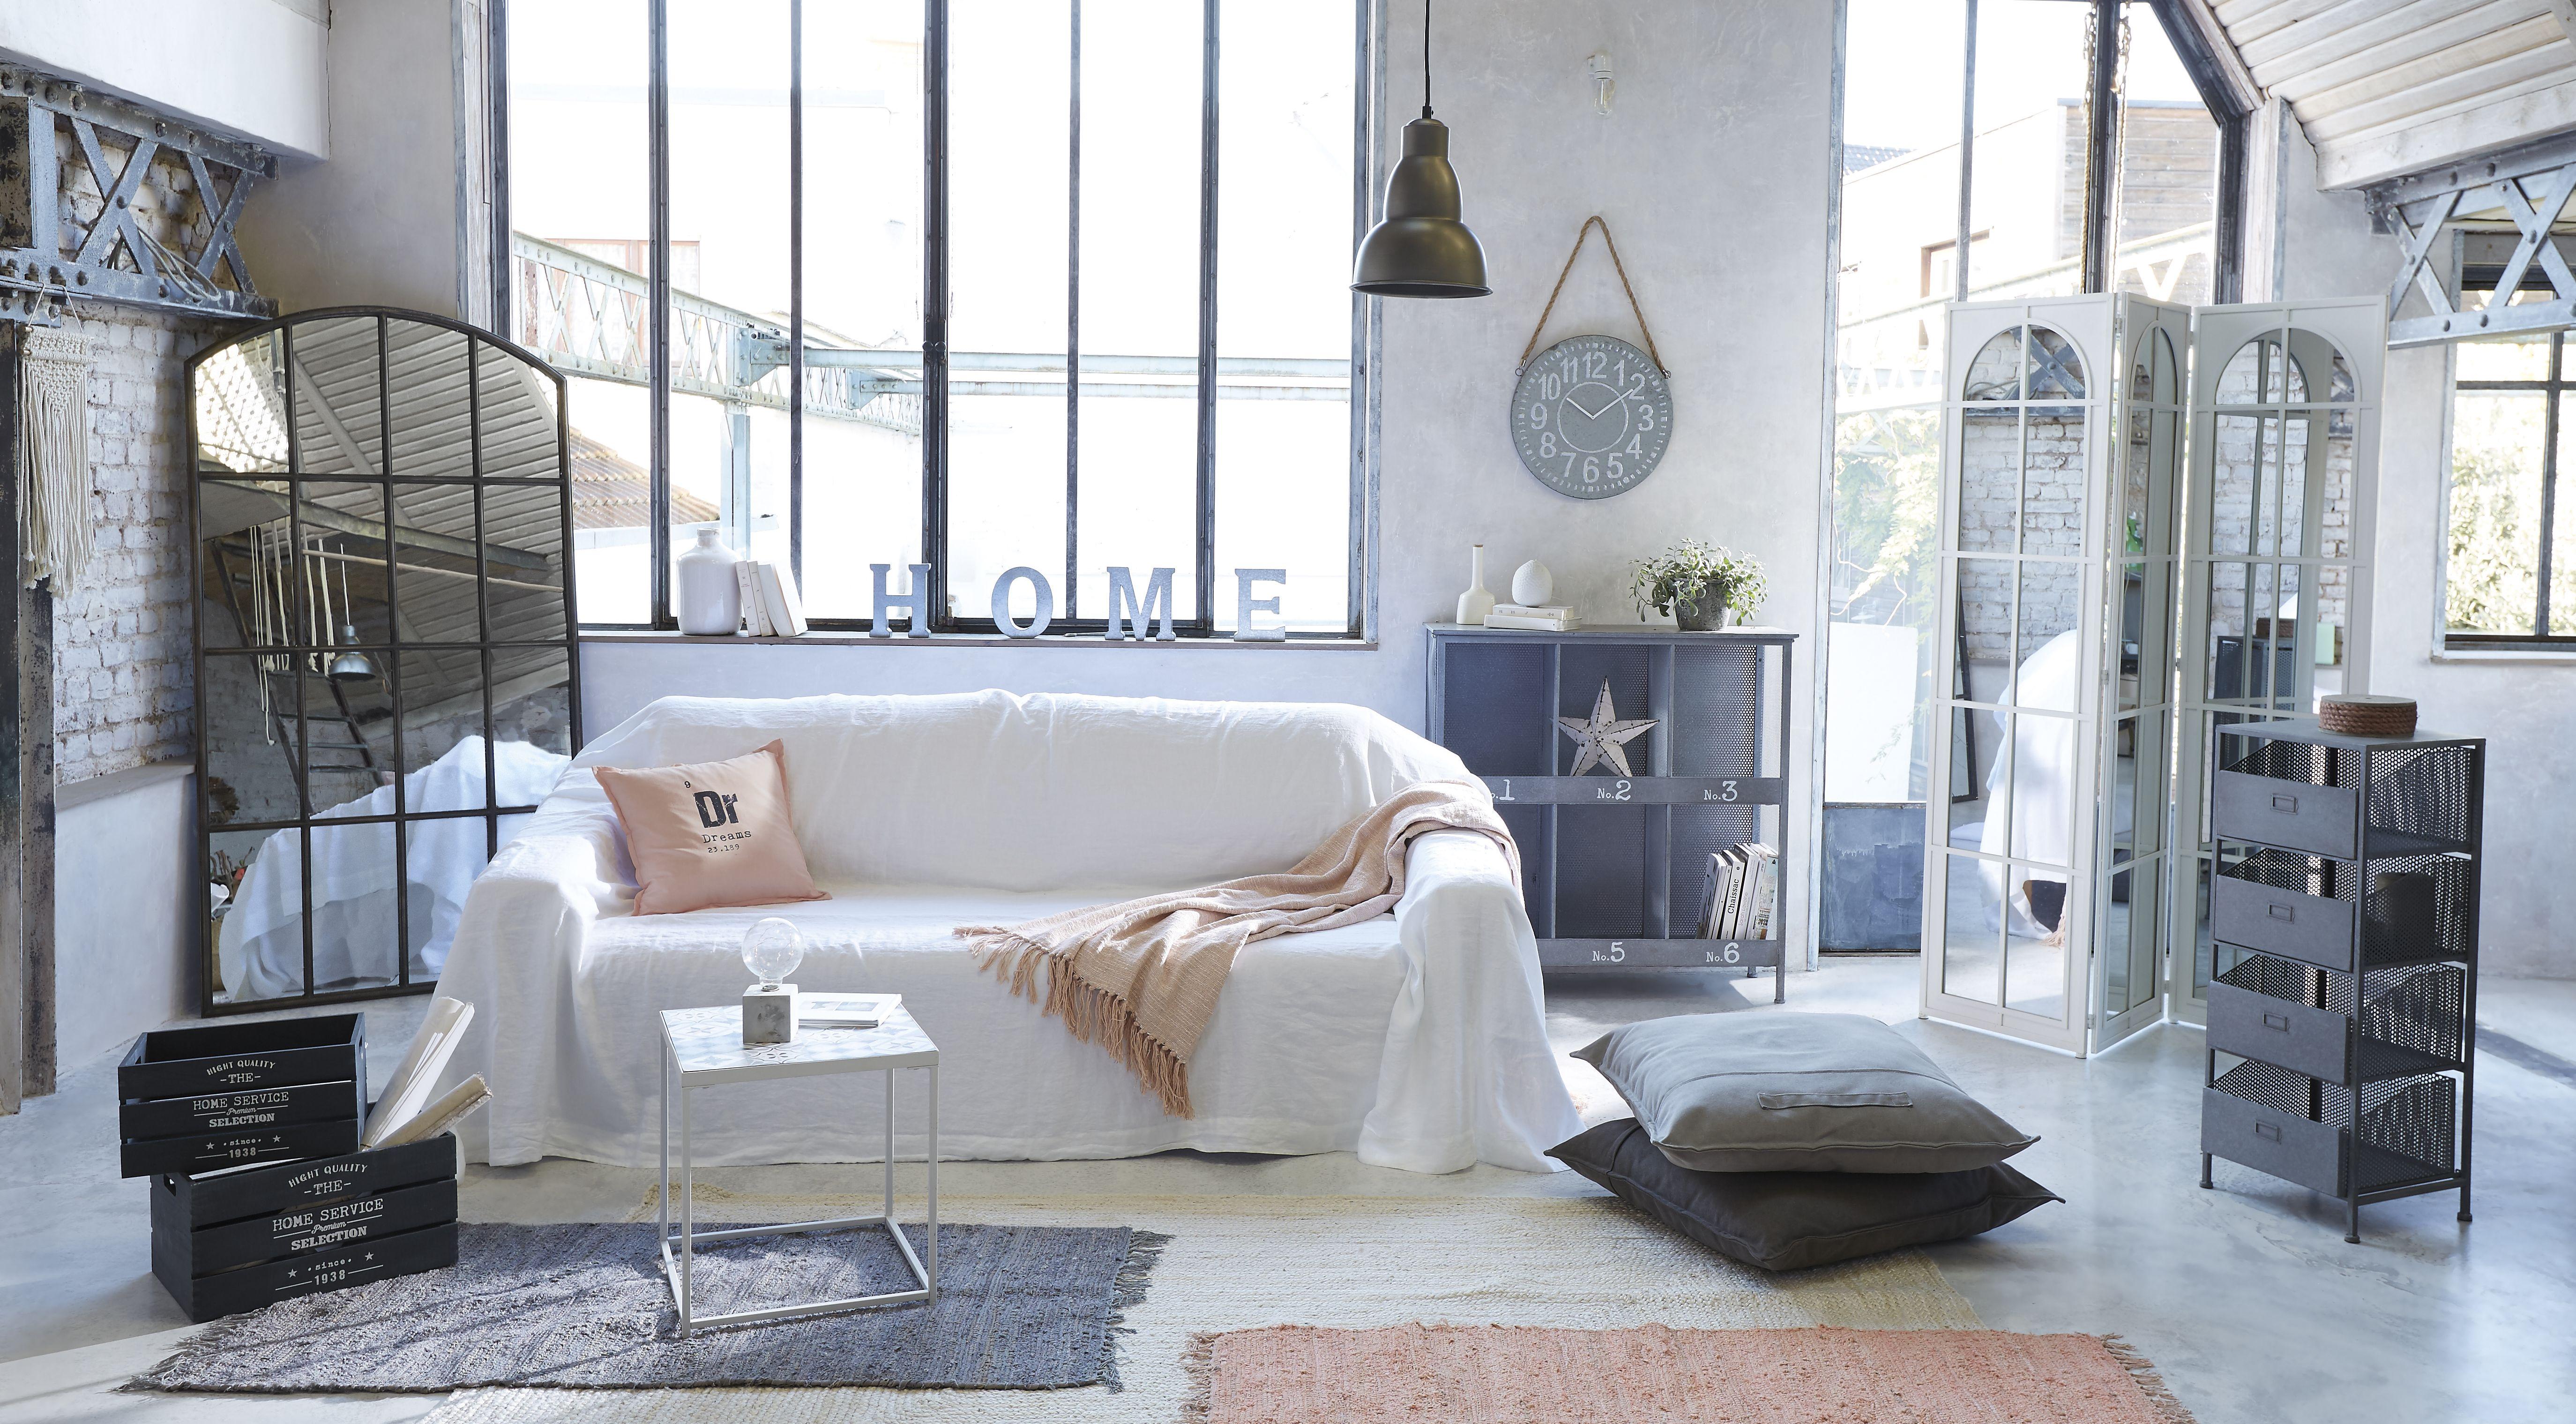 Epingle Par Atmosphera Sur Le Blanc Dans La Recup Et L Indus Bean Bag Mobilier De Salon Decoration Maison